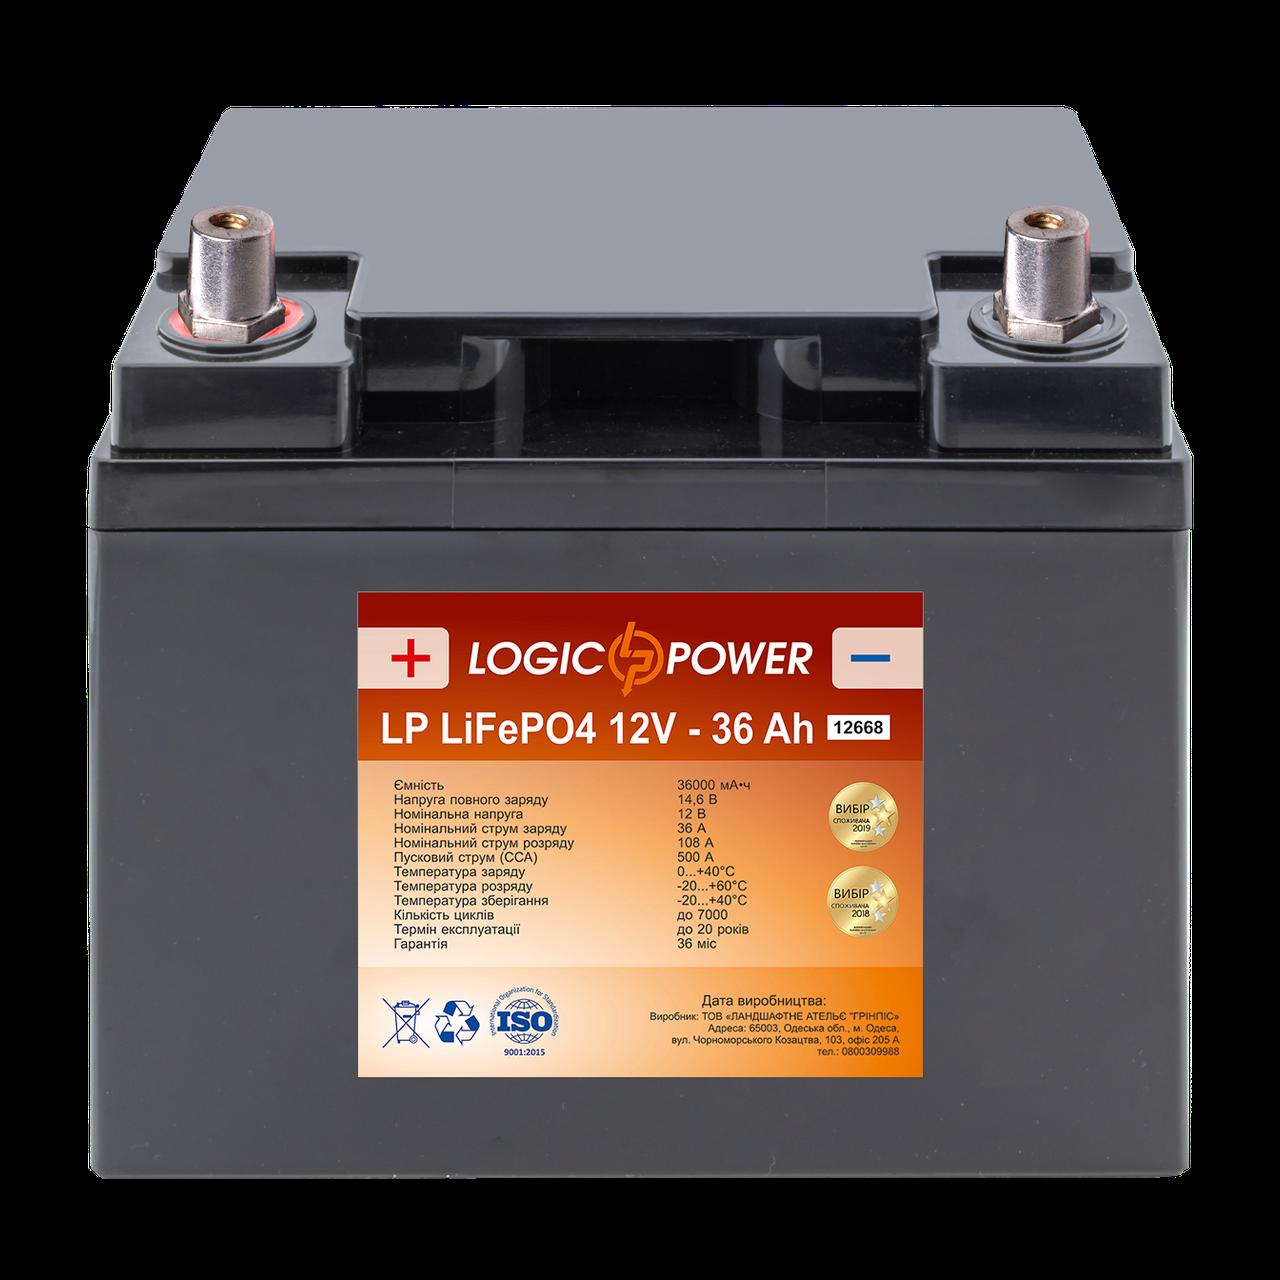 Аккумулятор для автомобиля литиевый LP LiFePO4 12V - 36 Ah (+ слева, прямая полярность) пластик